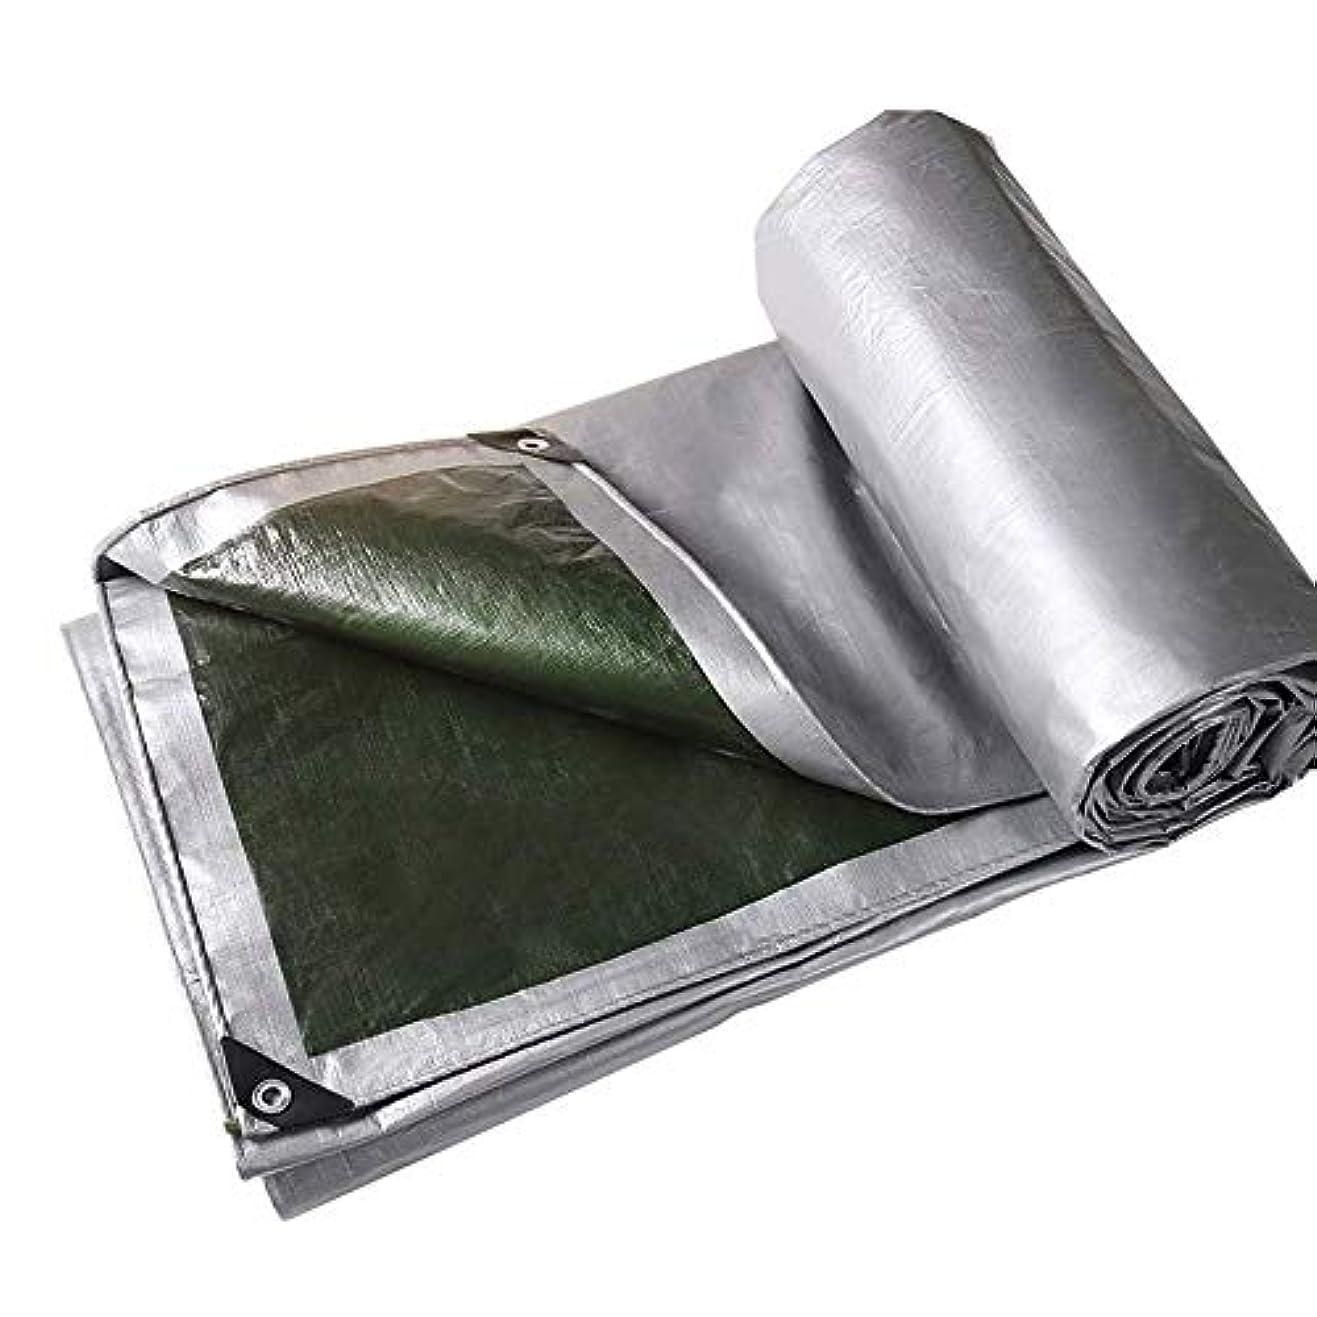 端異常クレアで利用可能な屋外の梅雨防水防水シート頑丈な多機能保護防水シート (サイズ さいず : 10*12m)